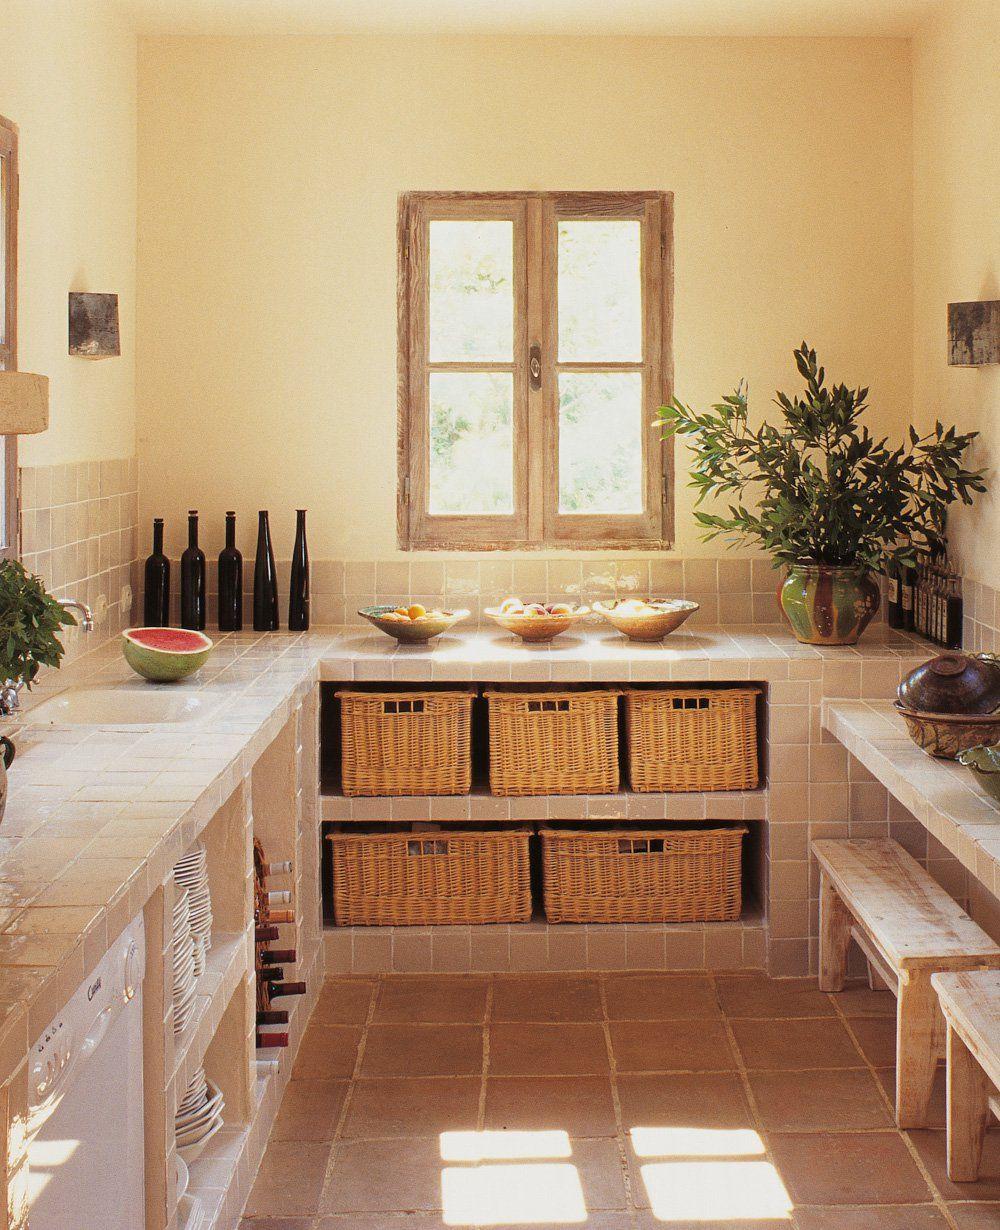 Travail Kitchen: Comment Choisir Son Plan De Travail De Cuisine